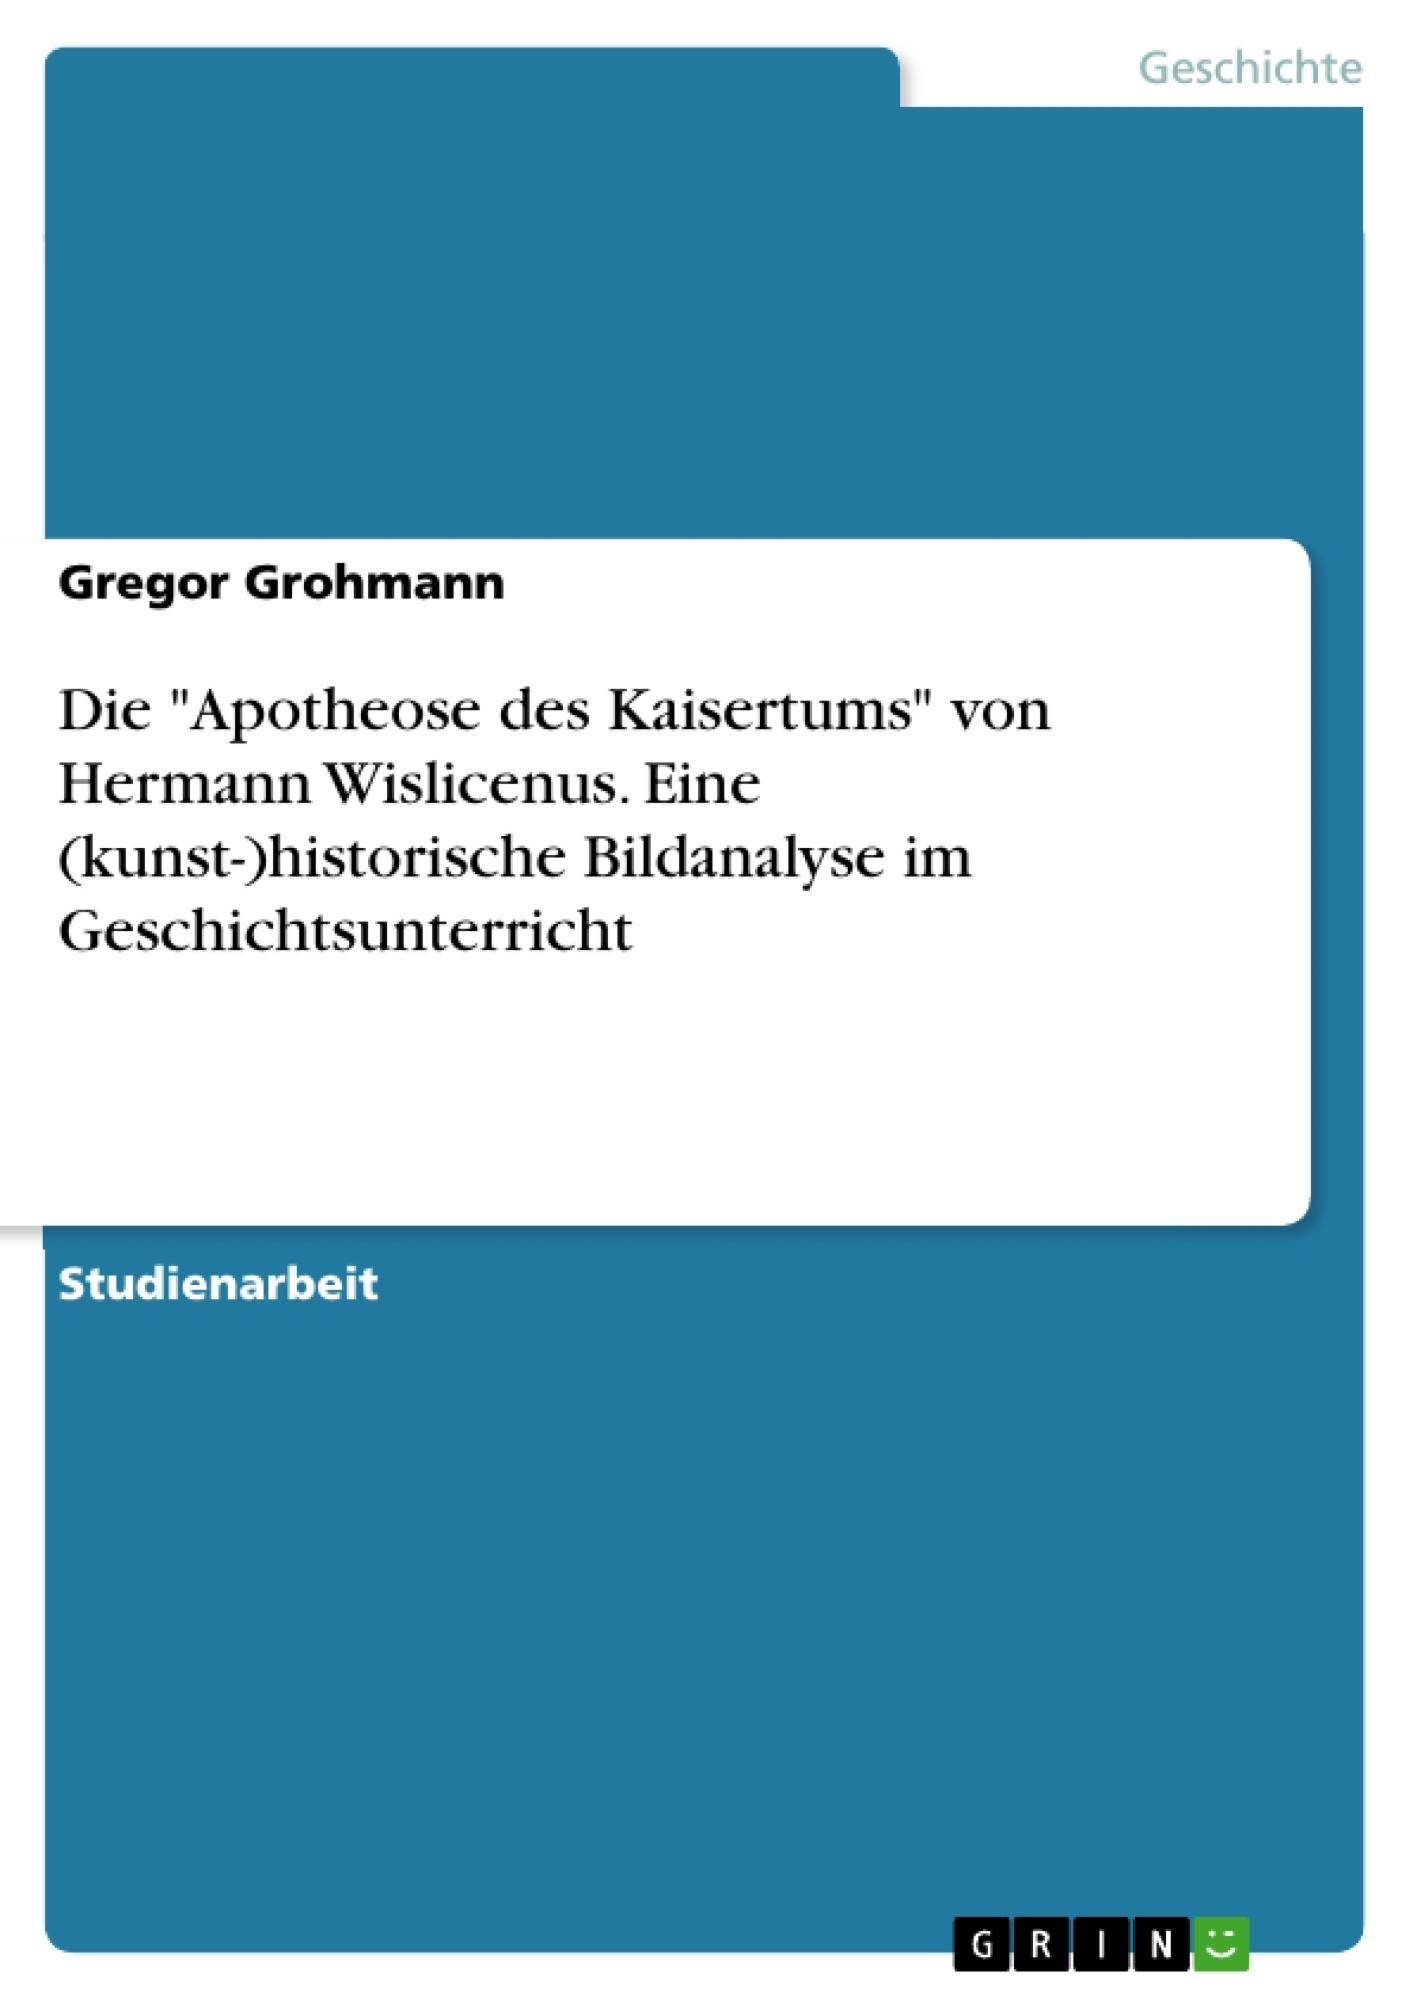 """Titel: Die """"Apotheose des Kaisertums"""" von Hermann Wislicenus. Eine (kunst-)historische Bildanalyse im Geschichtsunterricht"""